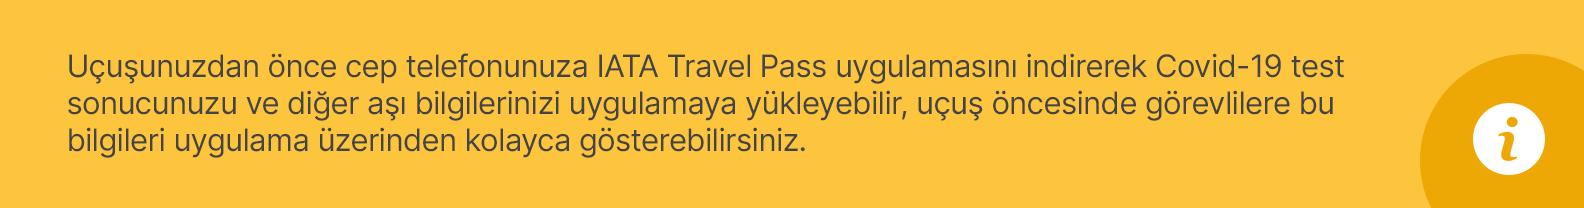 iata travel pass uygulaması hakkında